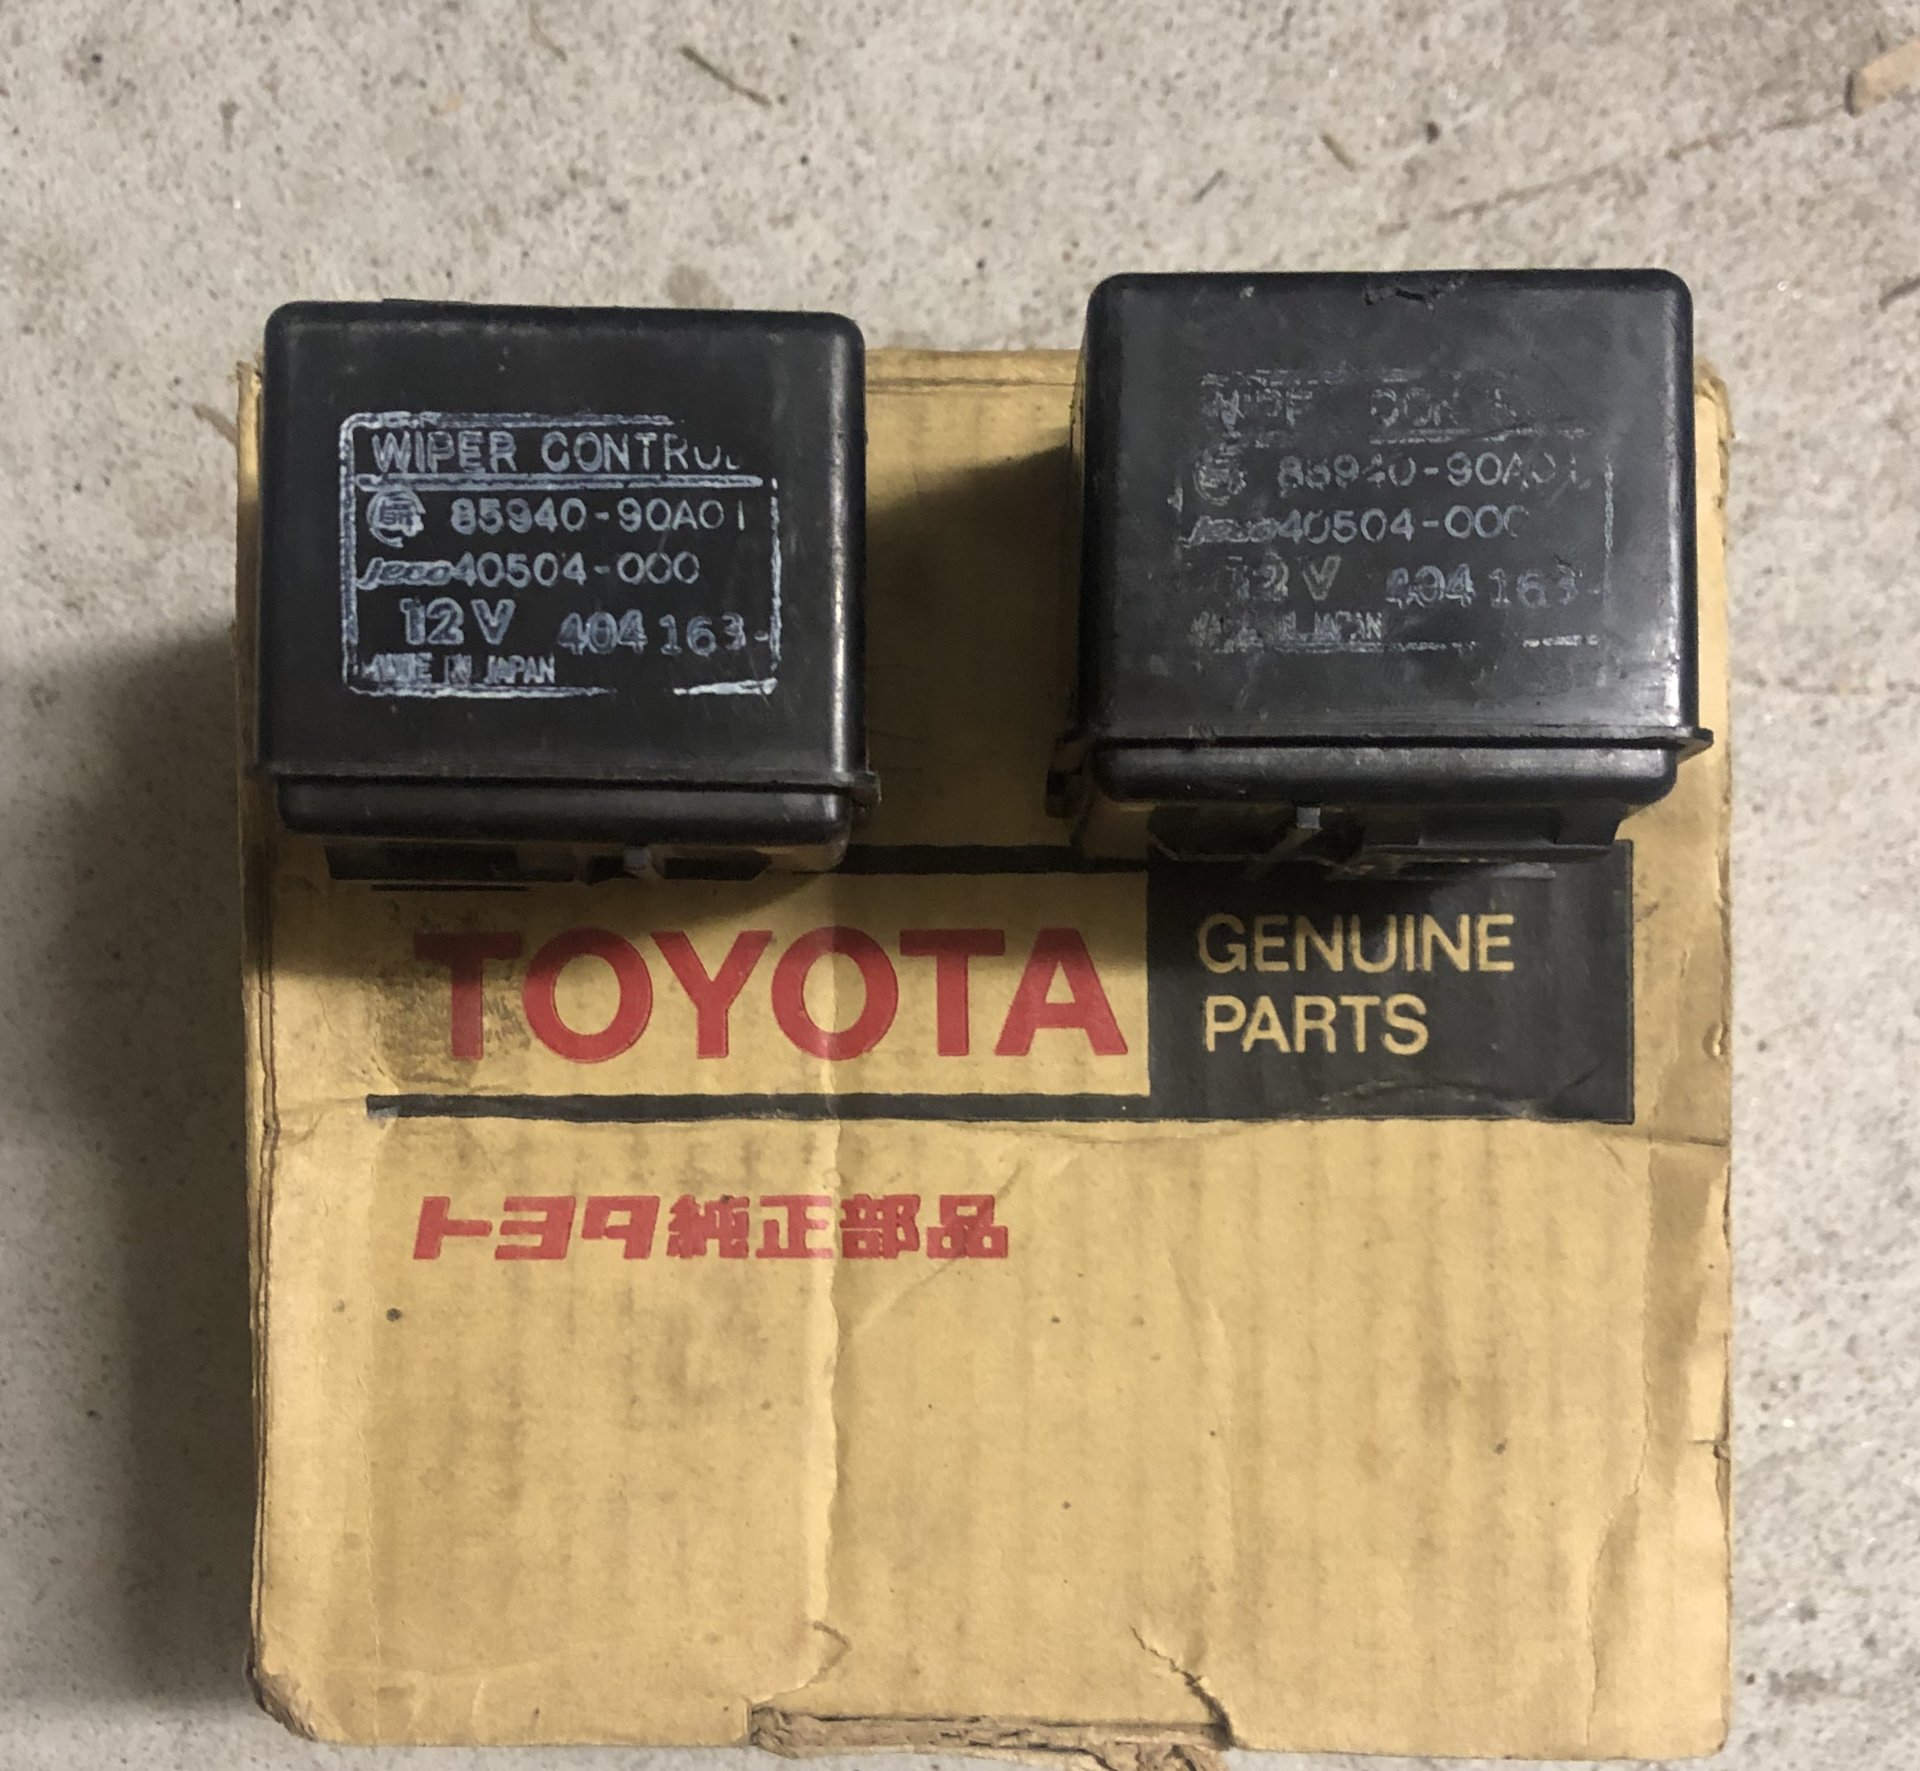 7BC083EA-39C6-46E1-A659-2DE70358F009.jpeg